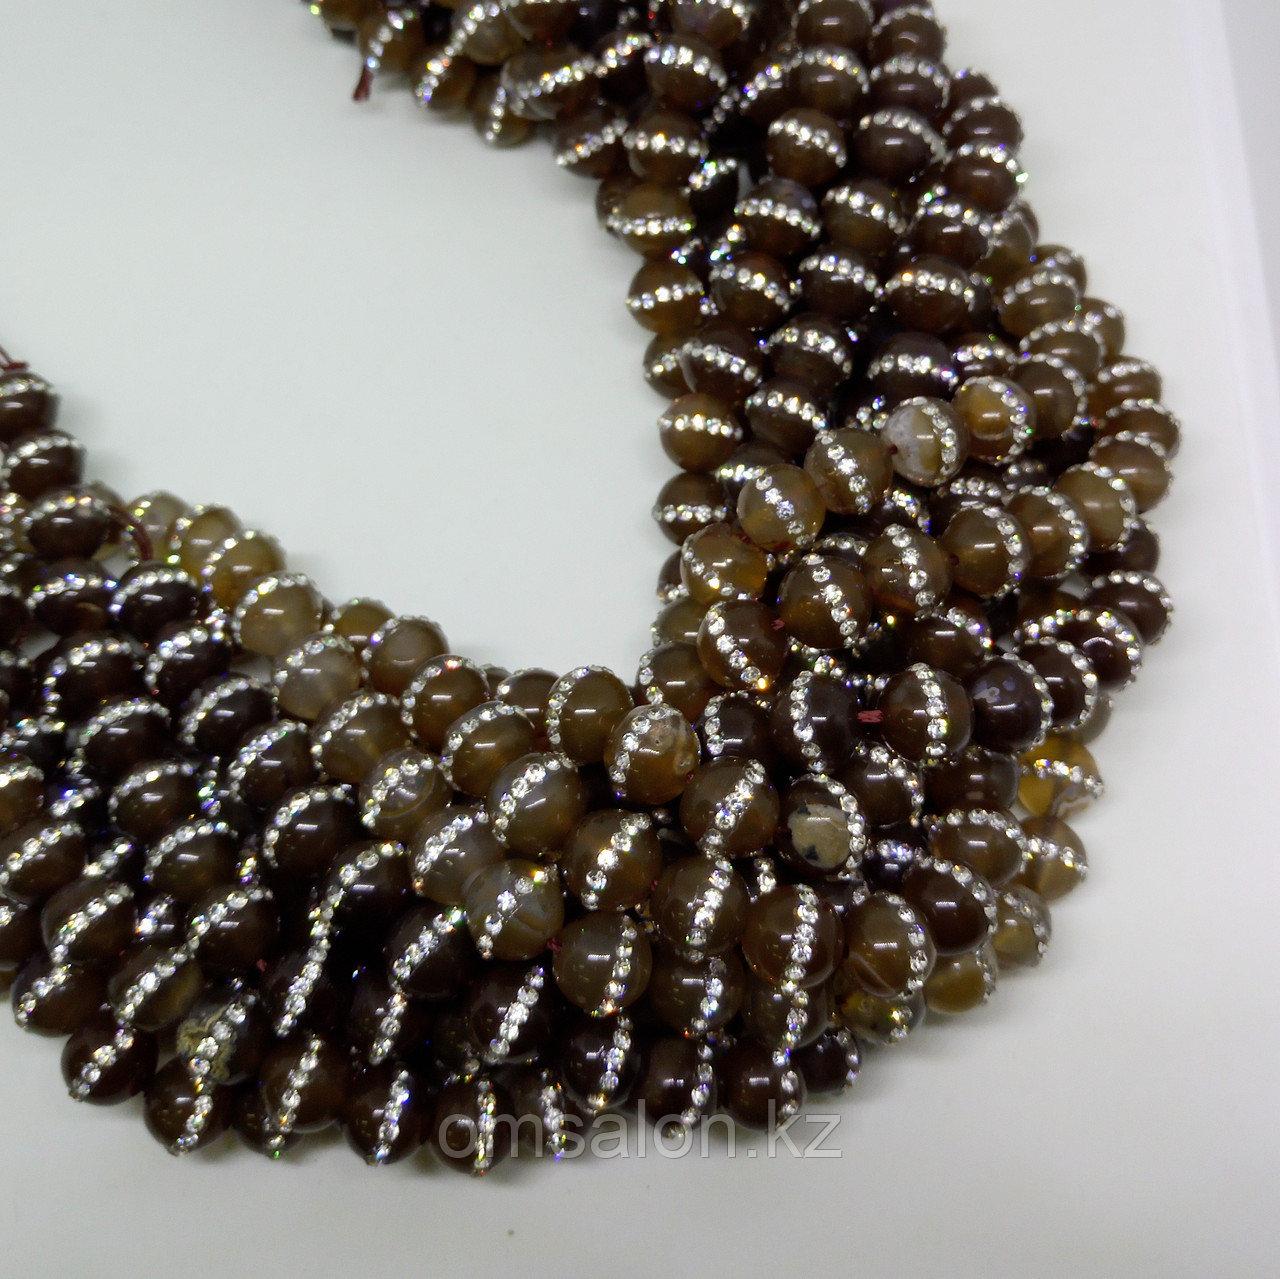 Агат коричневый со стразами, 10 мм